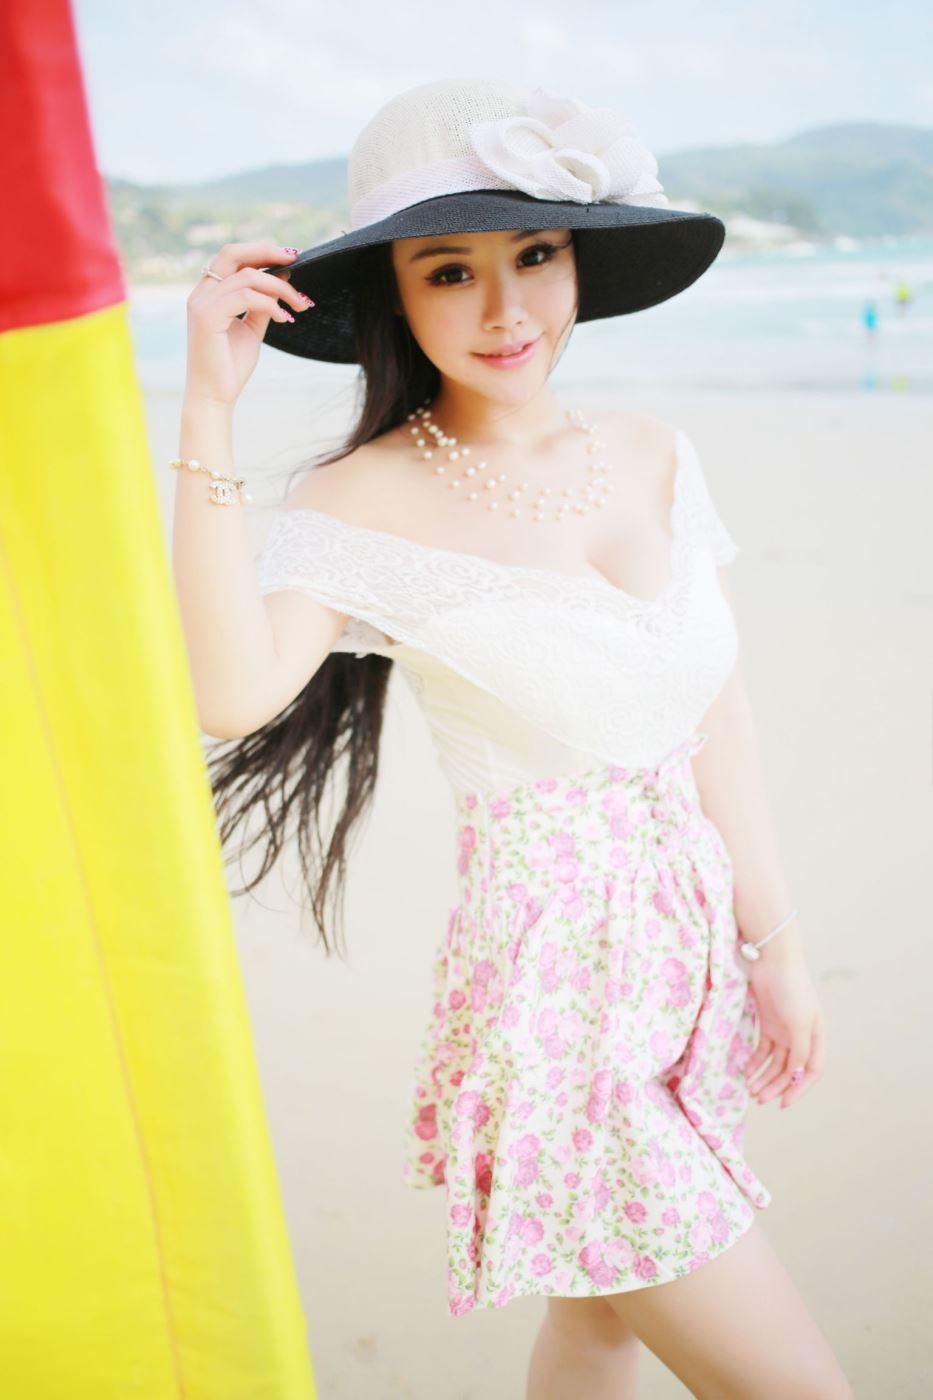 童颜巨乳美女尤物性感比基尼美女沙滩无圣光写真图片